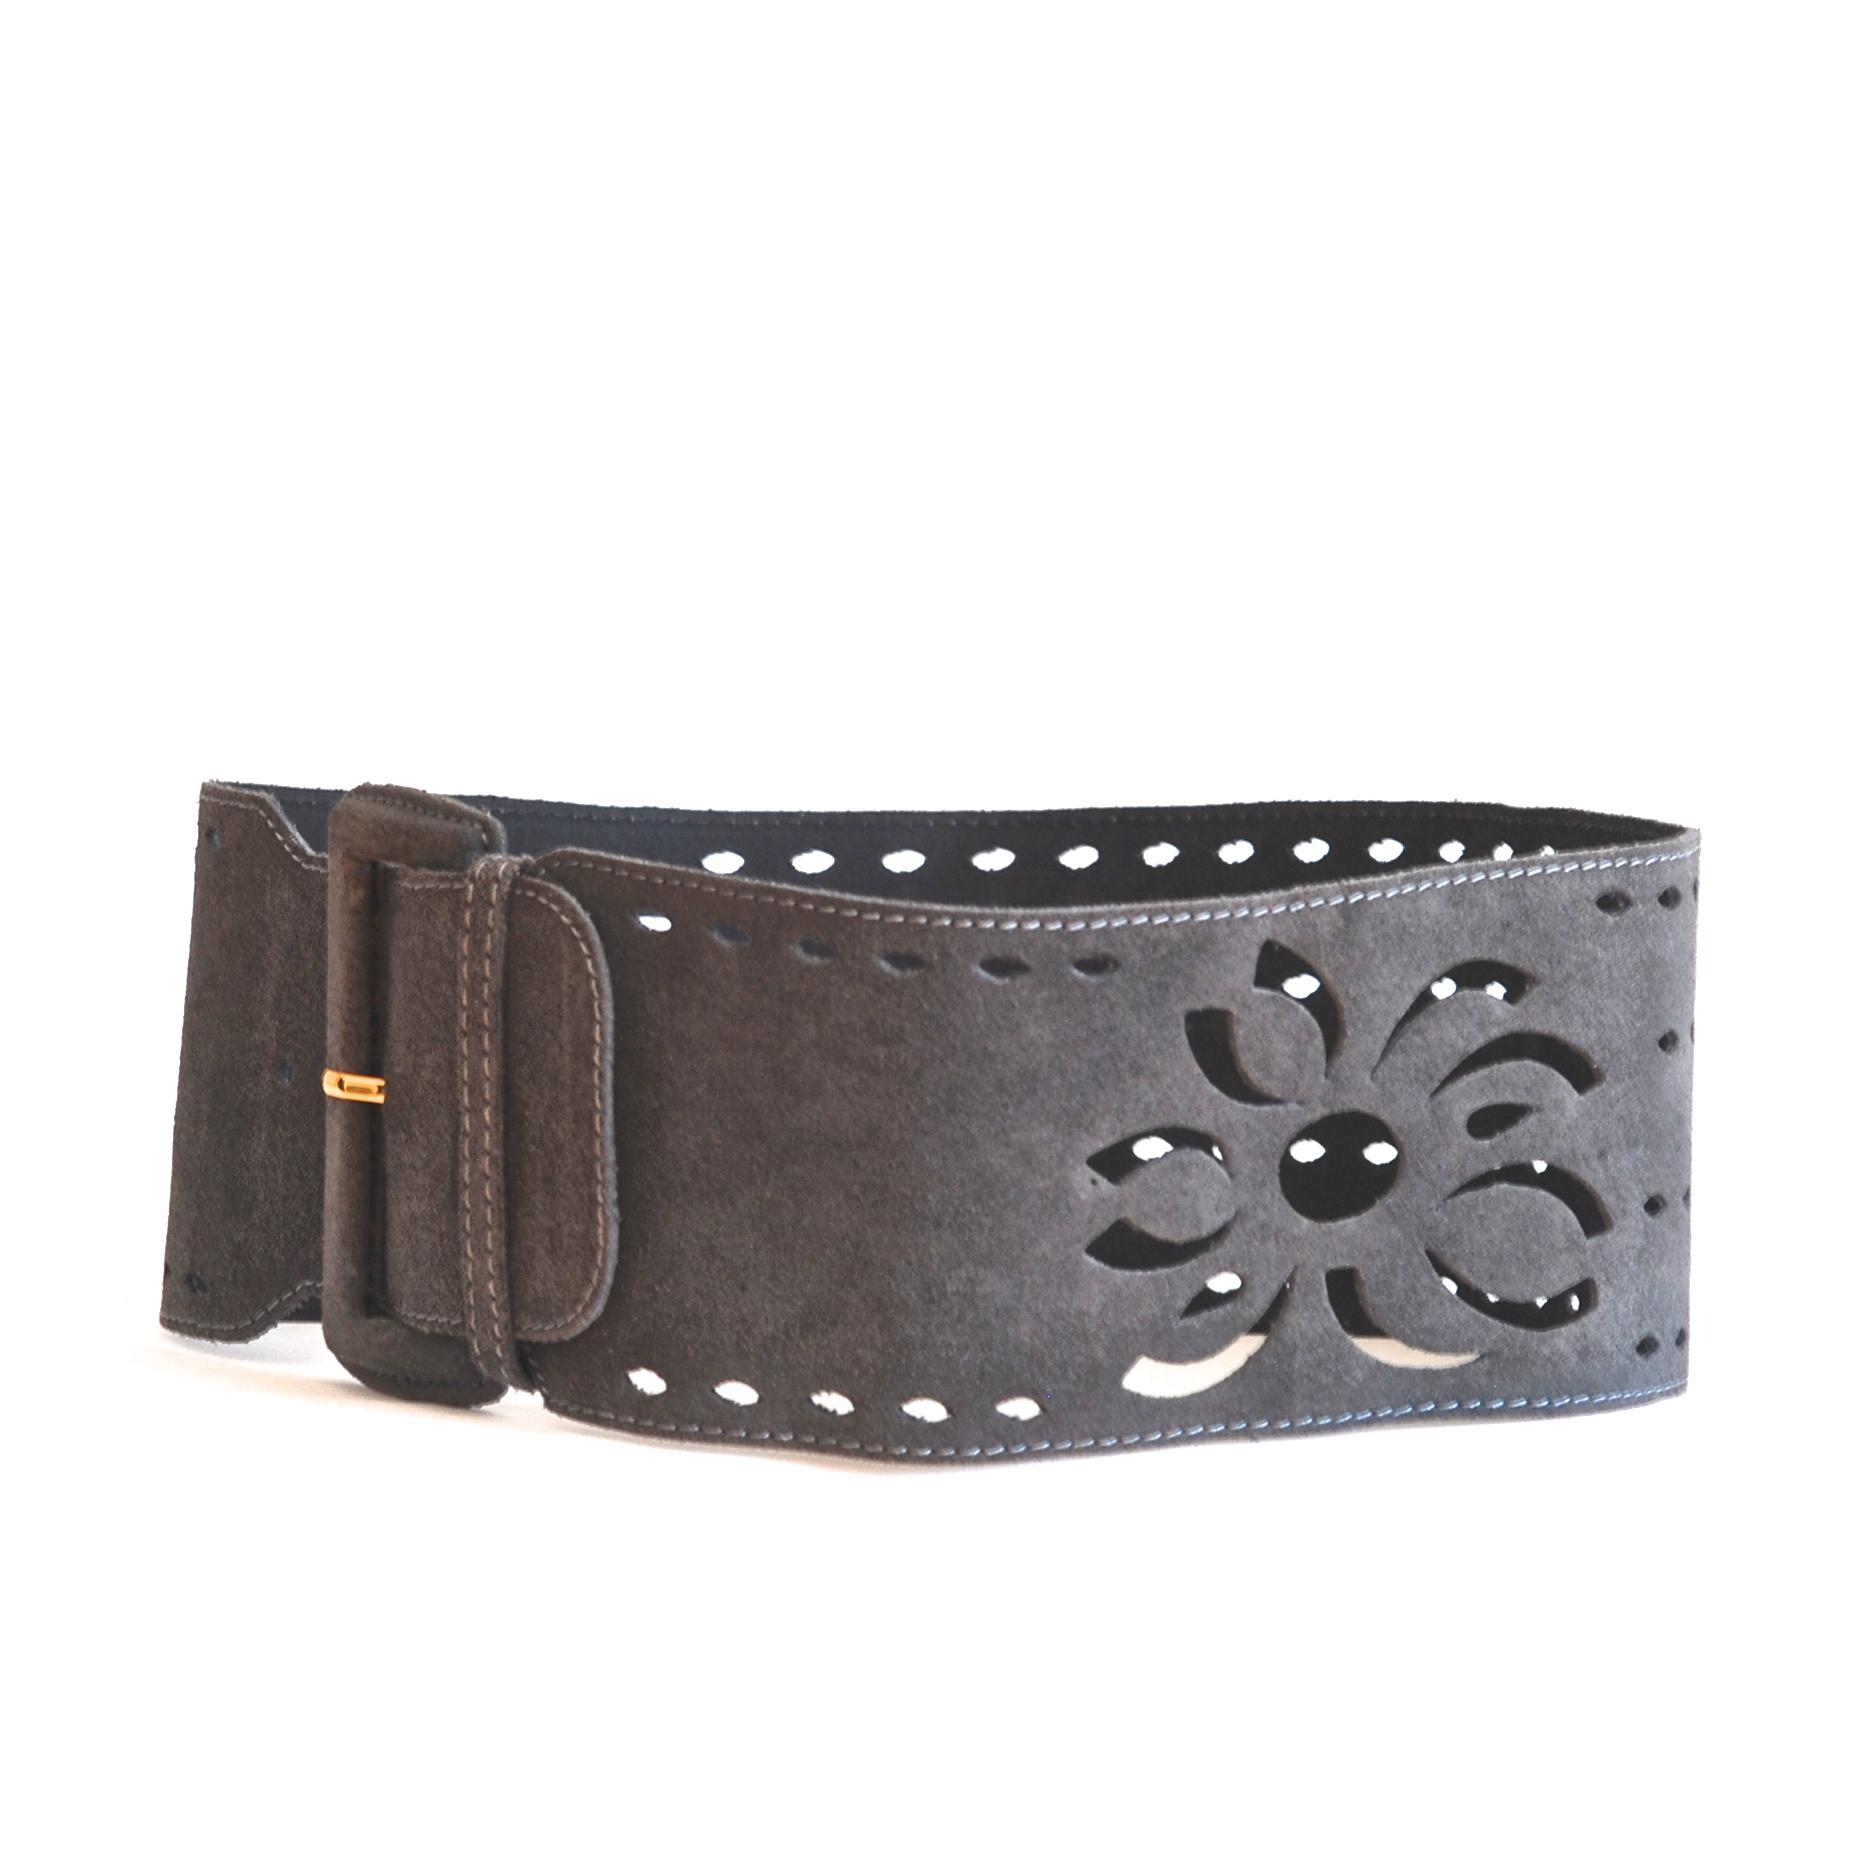 croute de vachette wide grey belt with cut outs